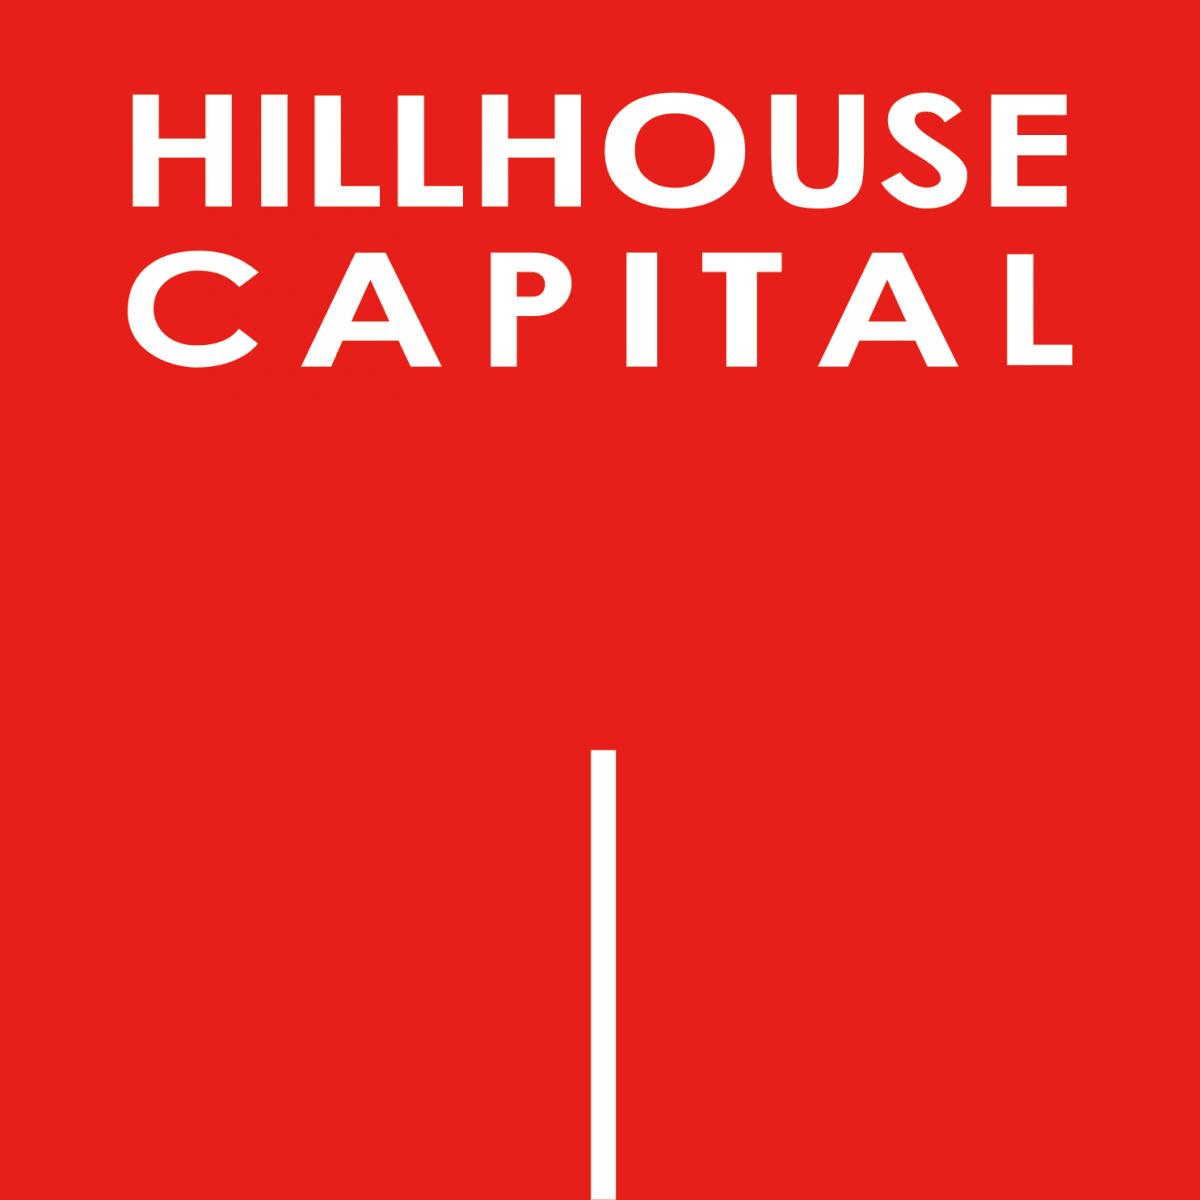 Hillhouse Capital